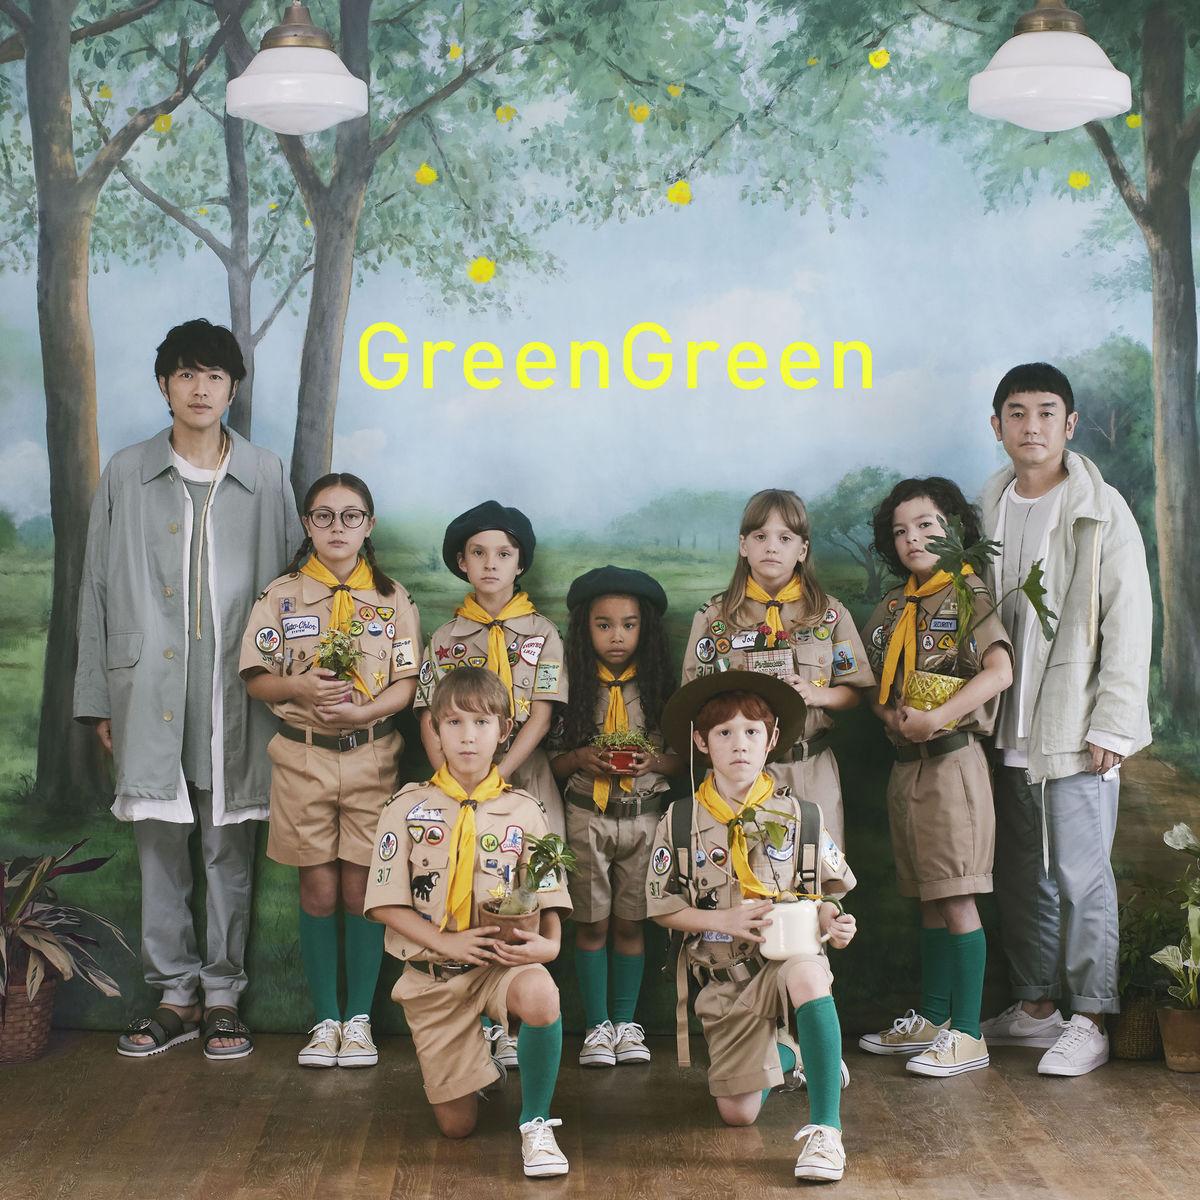 『ゆず GreenGreen 歌詞』収録の『GreenGreen』ジャケット